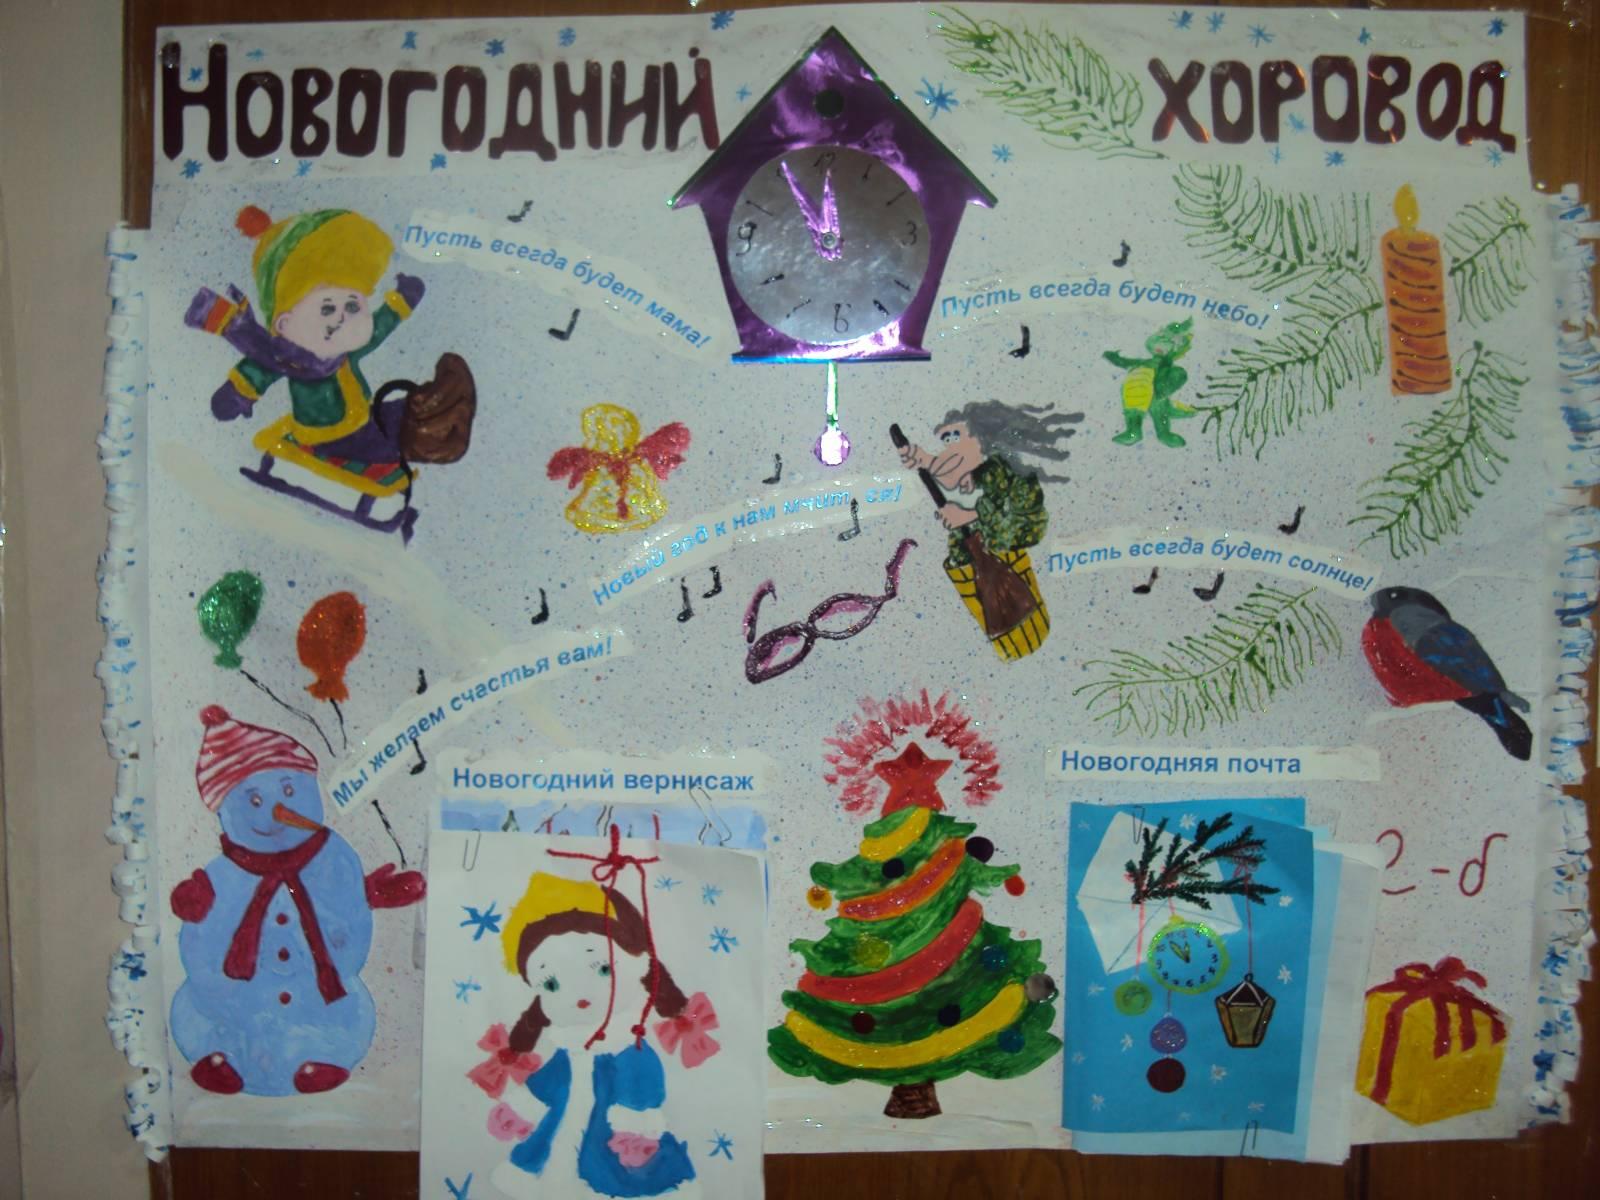 Новогодние стенгазета 2015 своими руками